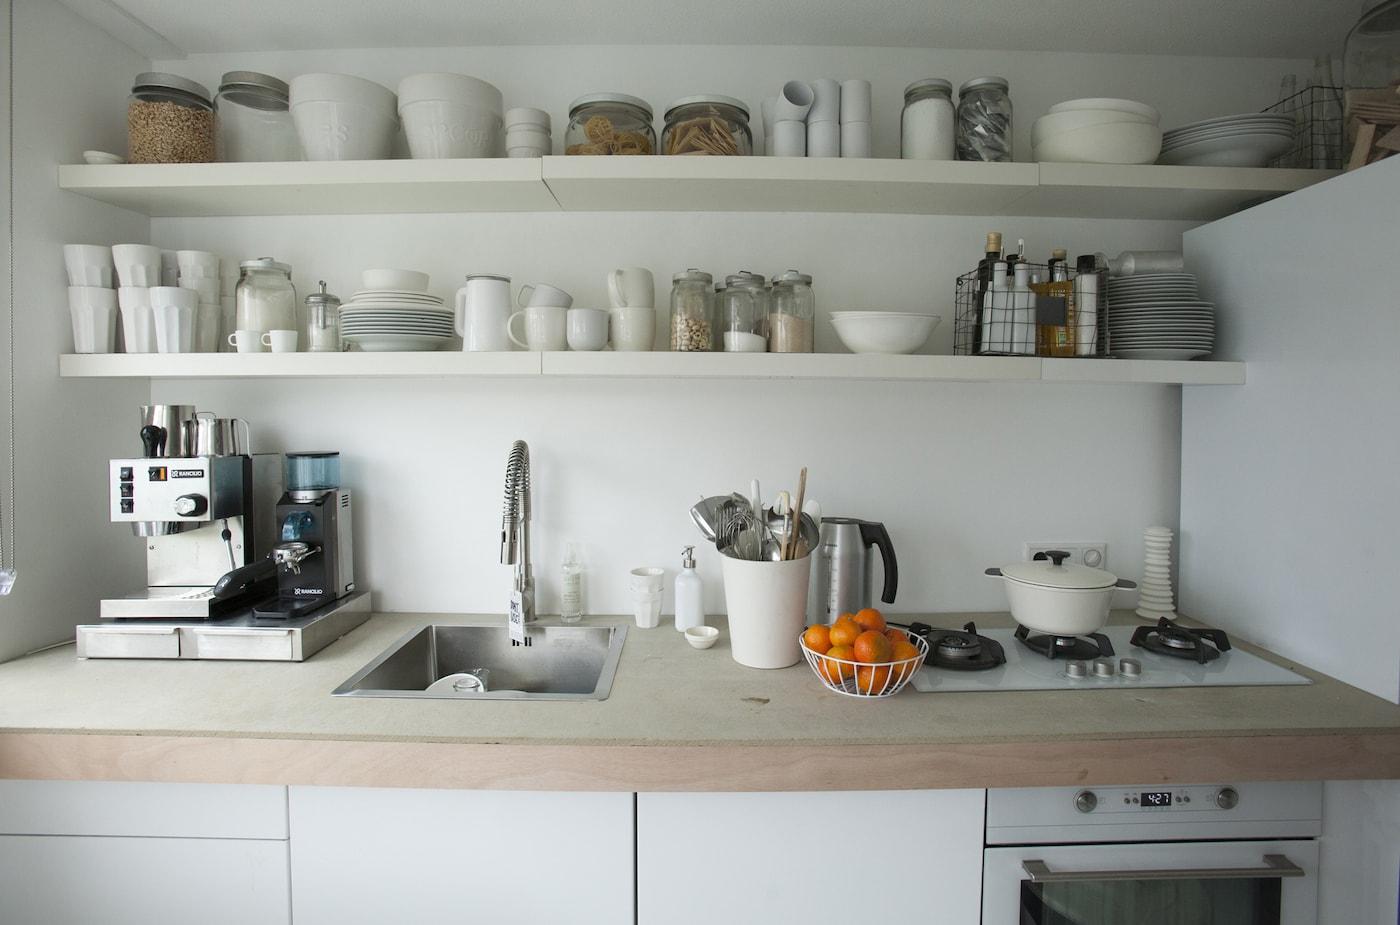 Zwei weiße Regale voll Geschirr über einer hölzernen Arbeitsfläche einer Küche mit weißen Schränken & vielen Kochutensilien.